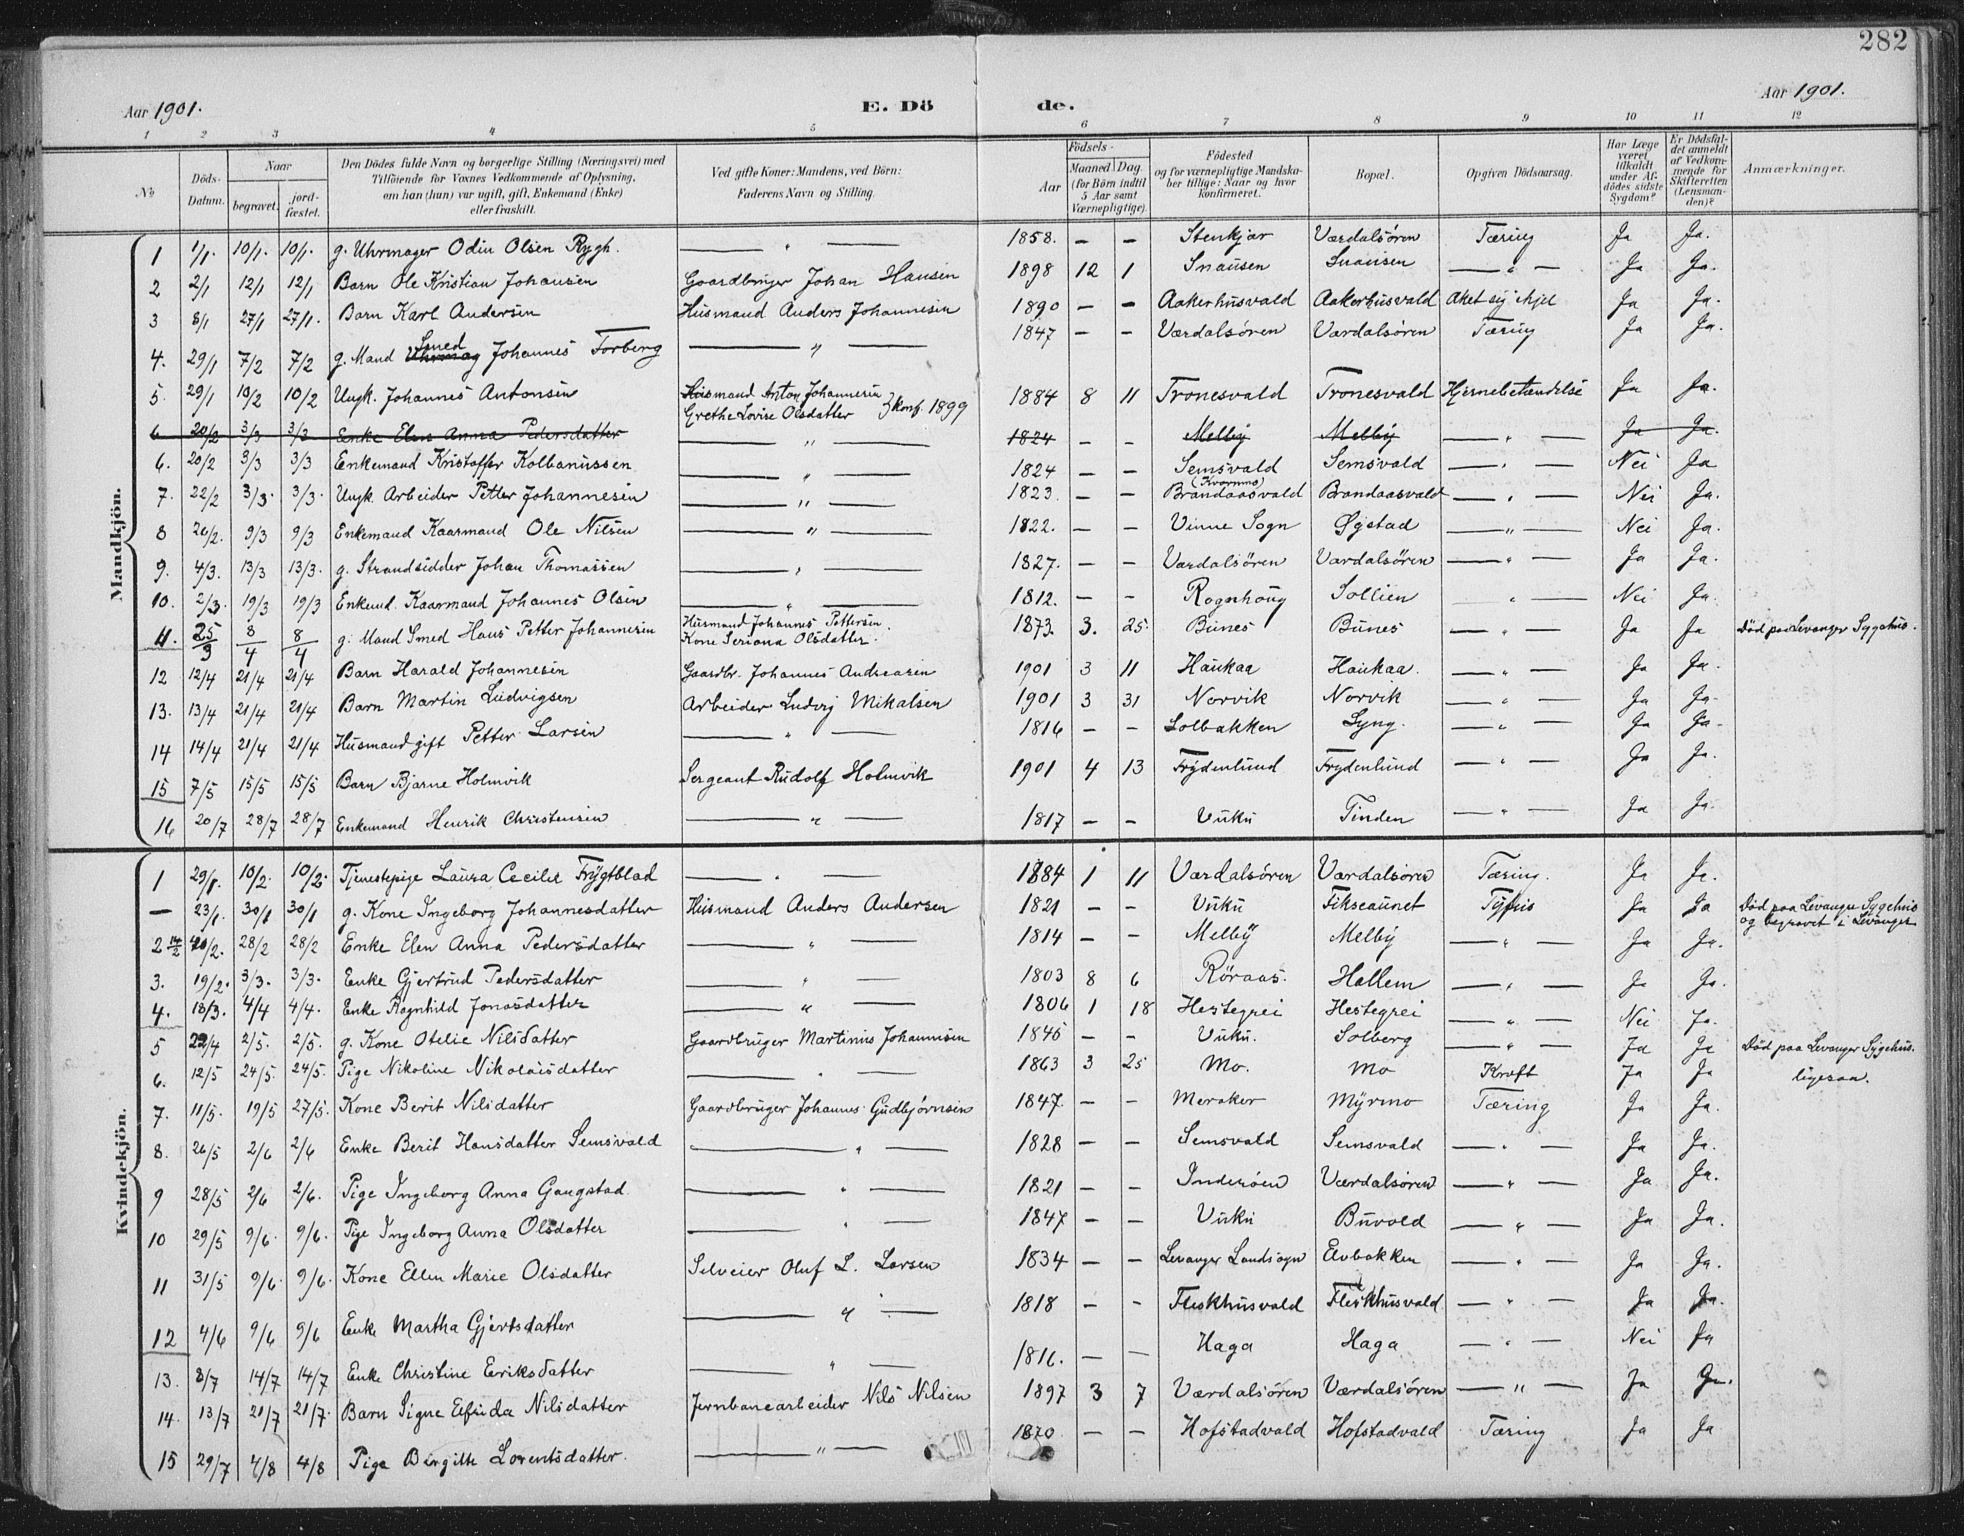 SAT, Ministerialprotokoller, klokkerbøker og fødselsregistre - Nord-Trøndelag, 723/L0246: Ministerialbok nr. 723A15, 1900-1917, s. 282